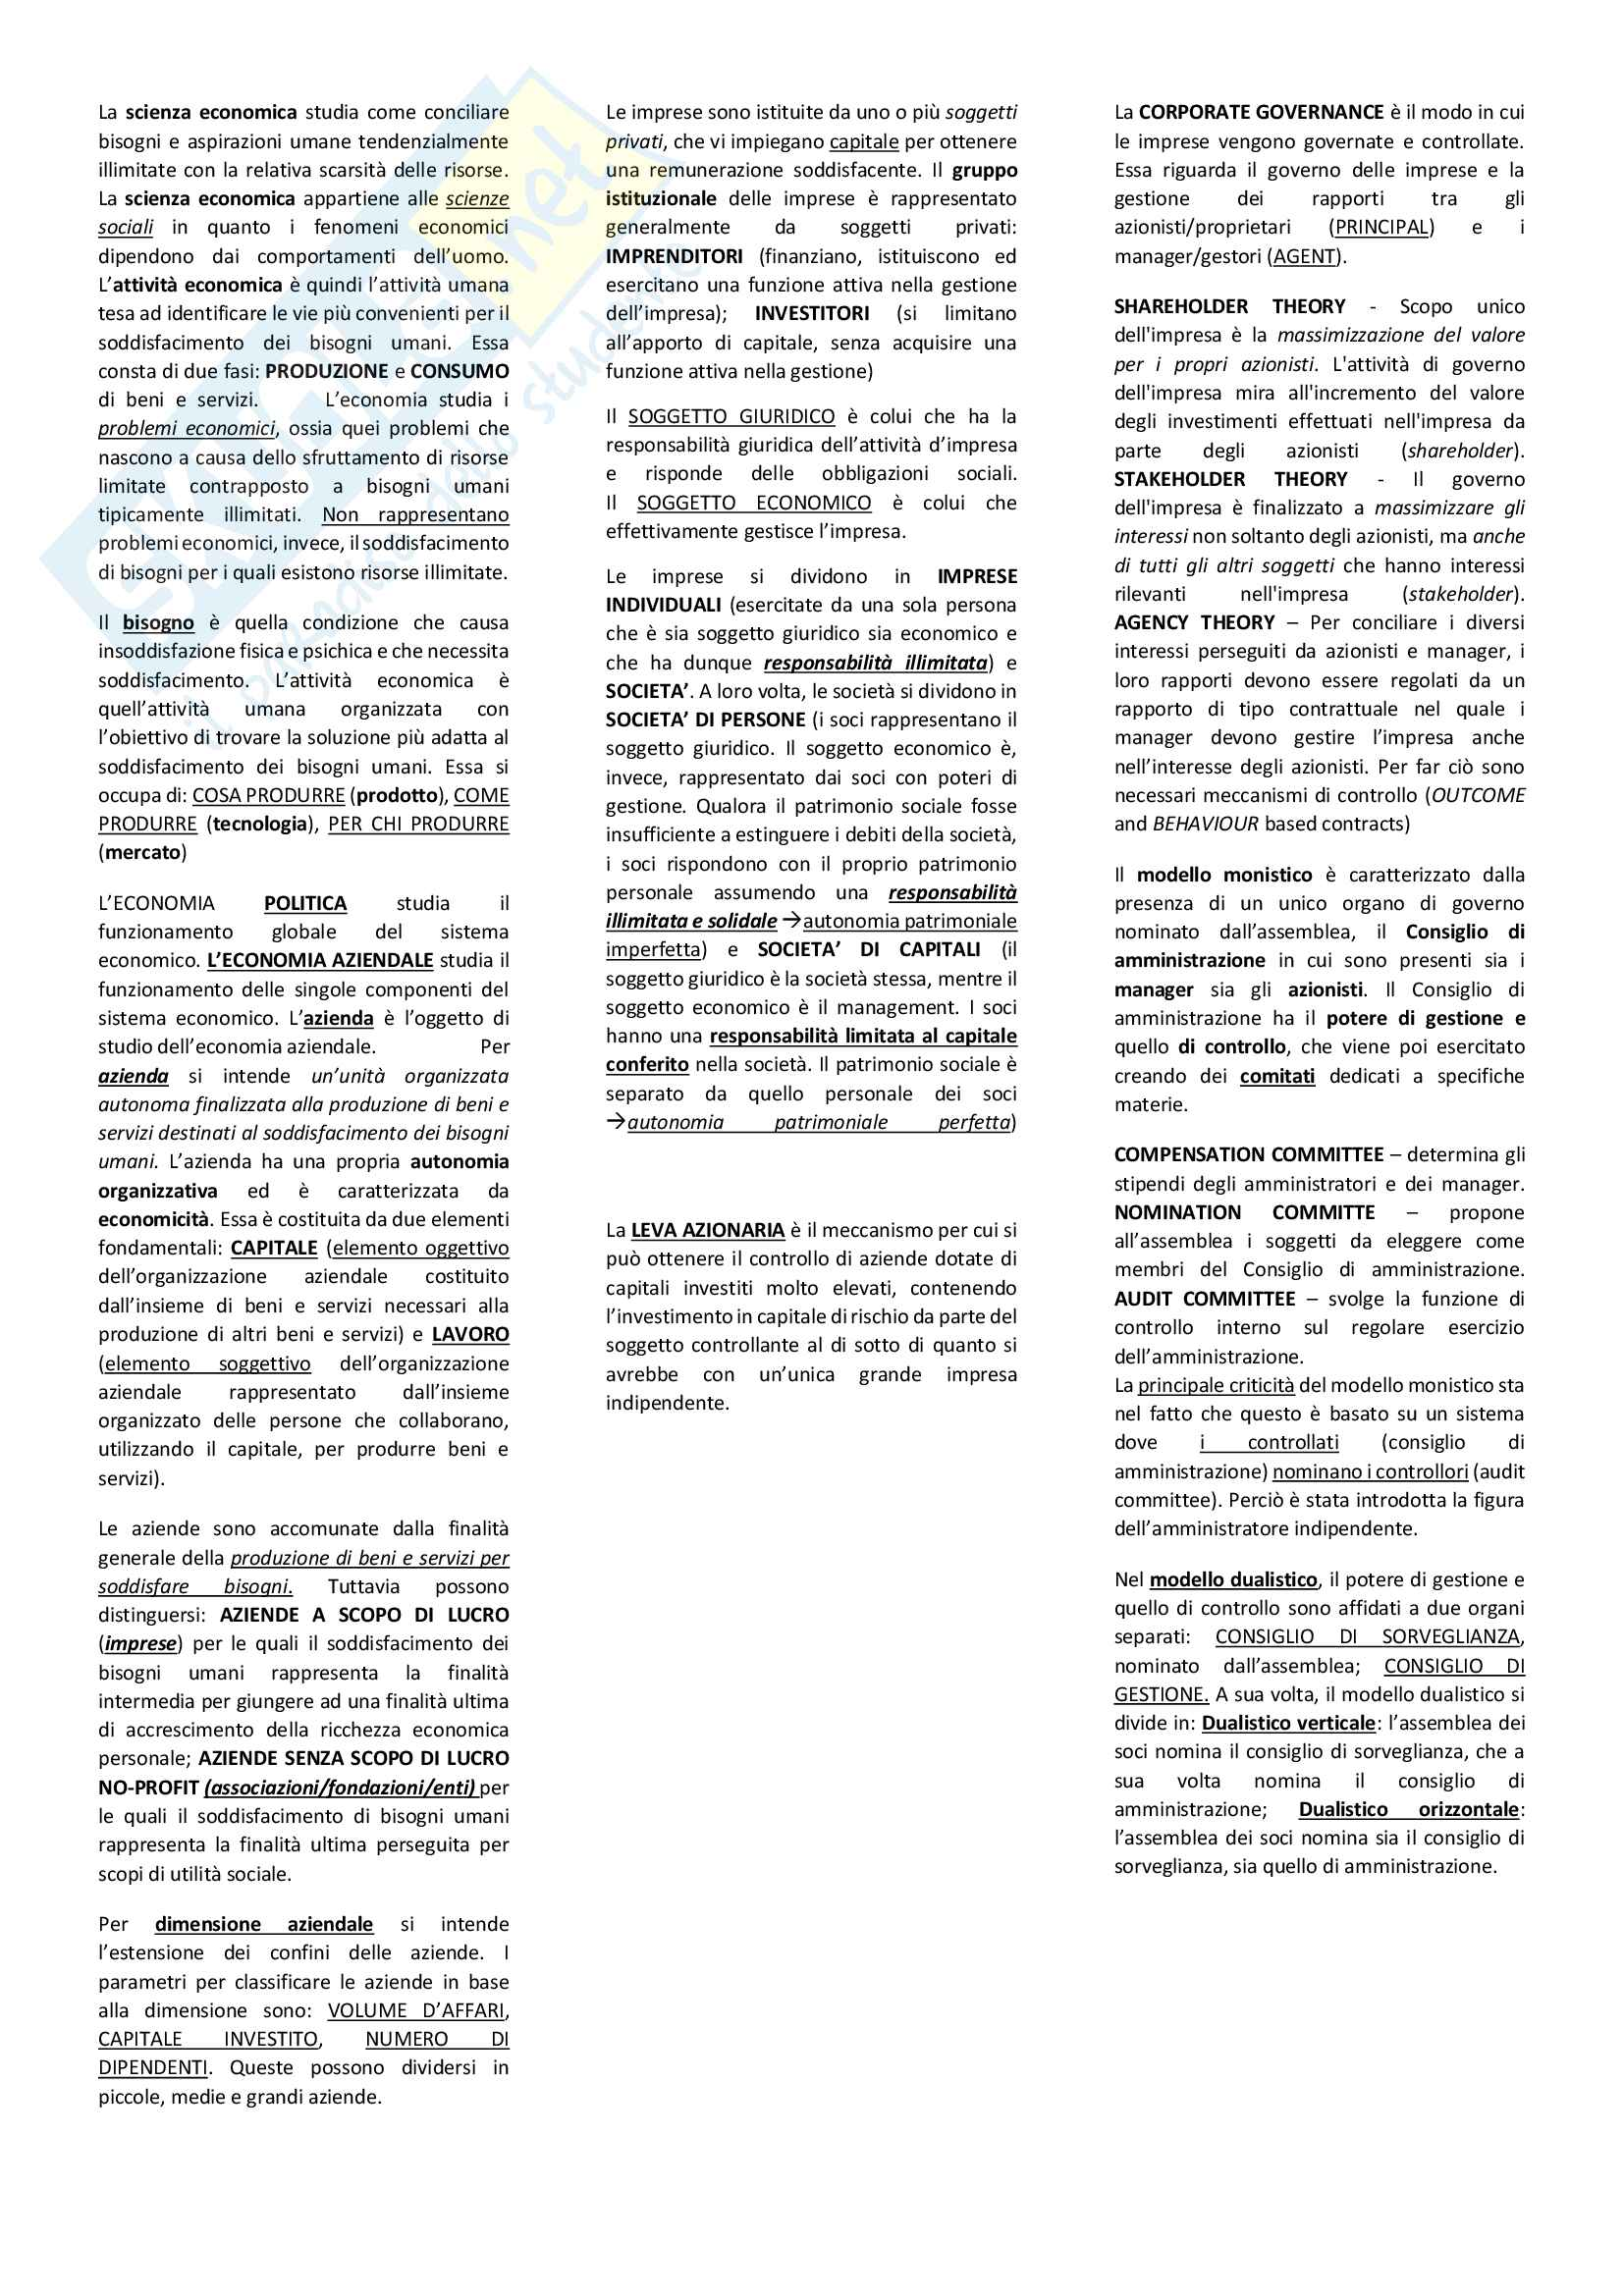 Riassunto + Appunti di economia aziendale